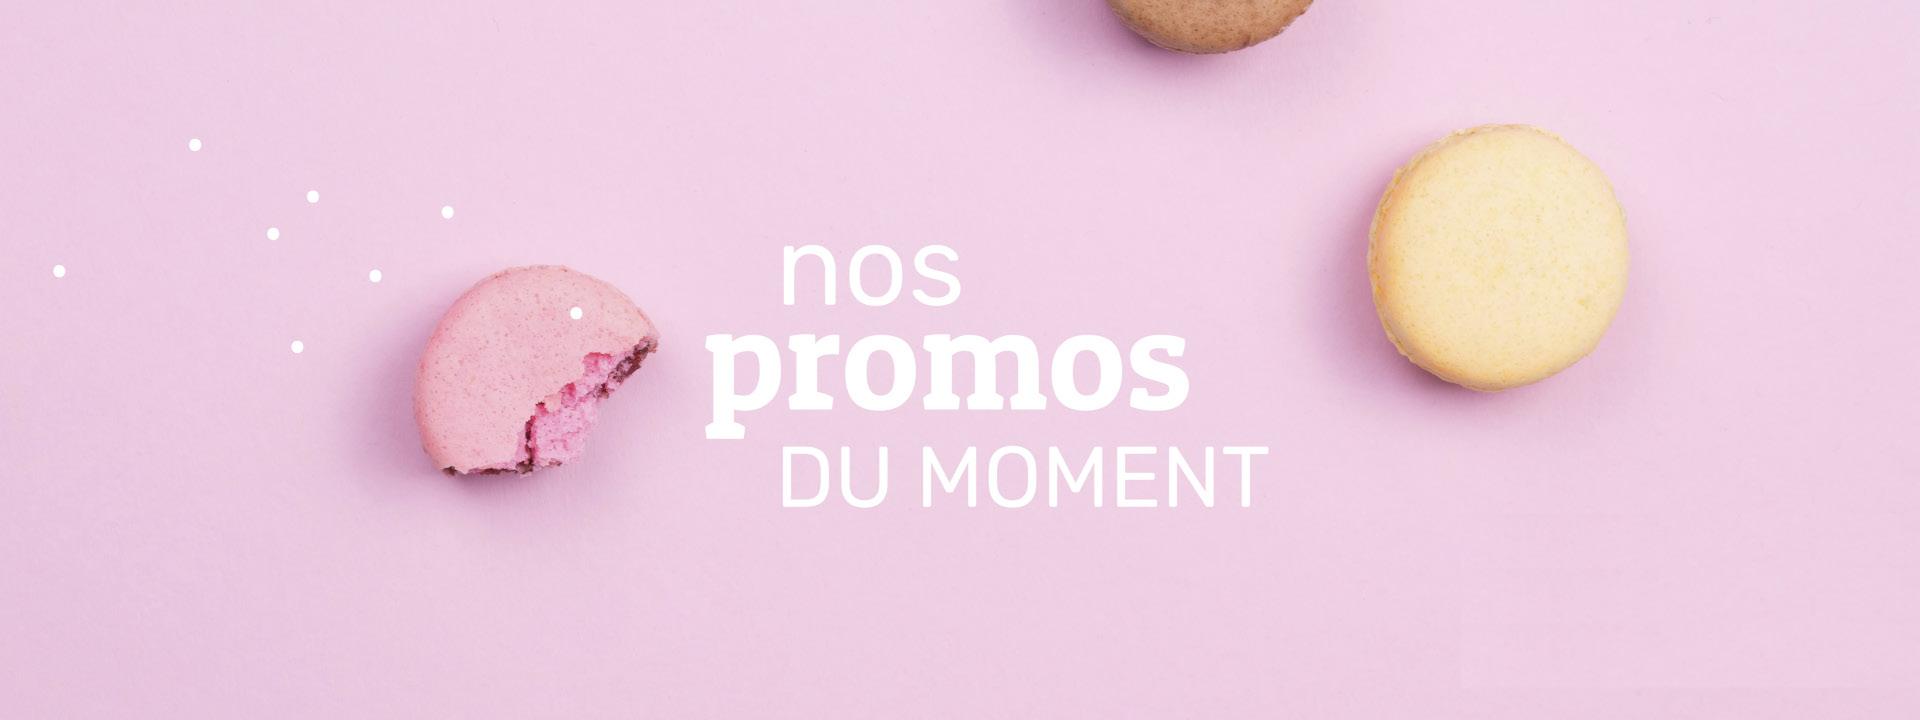 Céline Bien-Être - Nos promos du moment